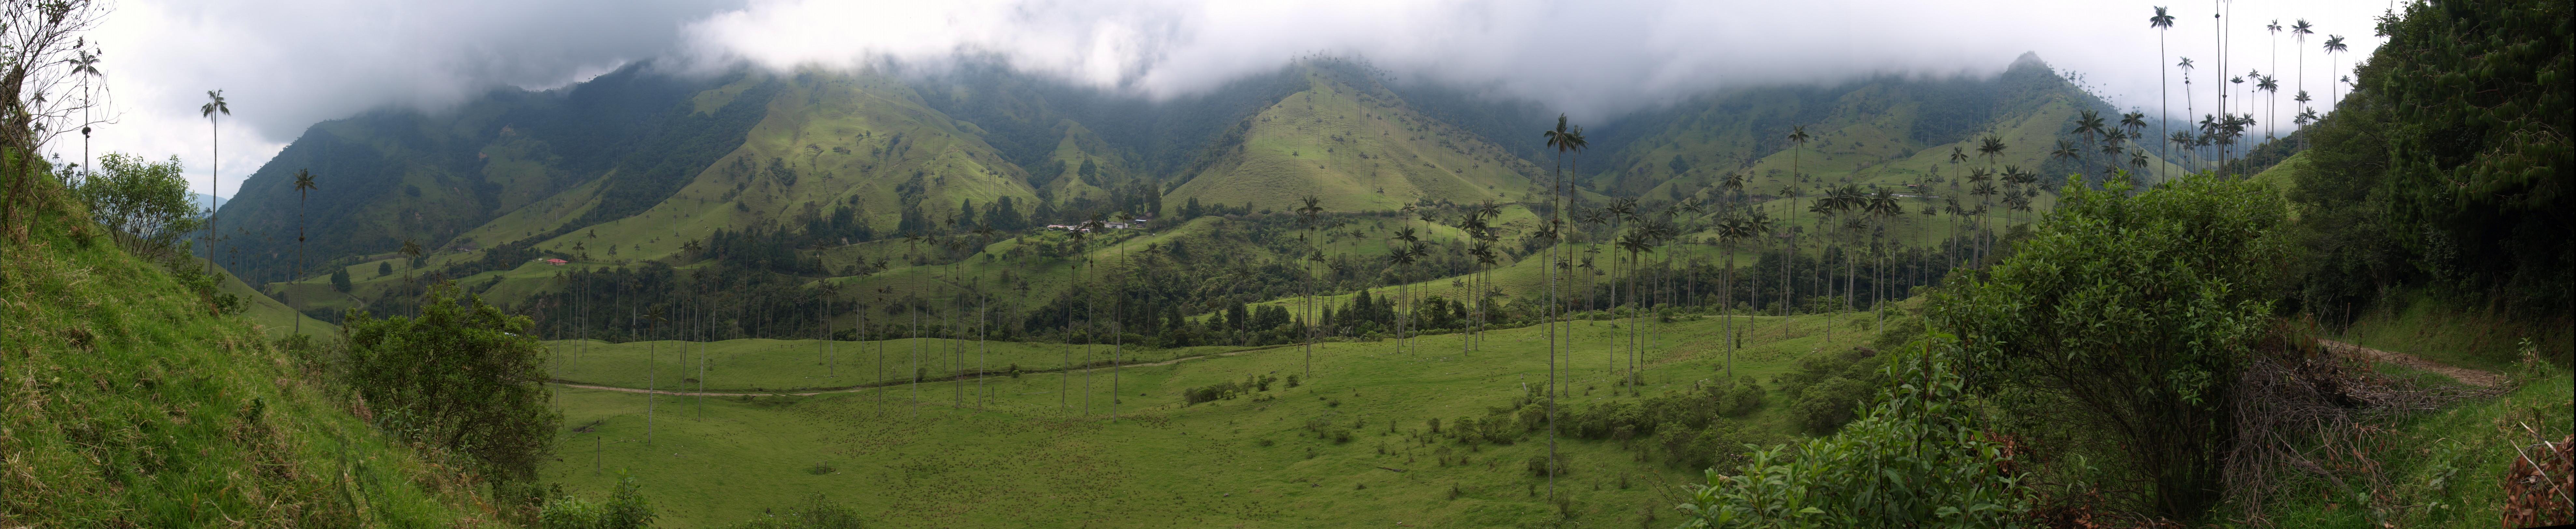 P5163017 pano Colombia Salento Cocora